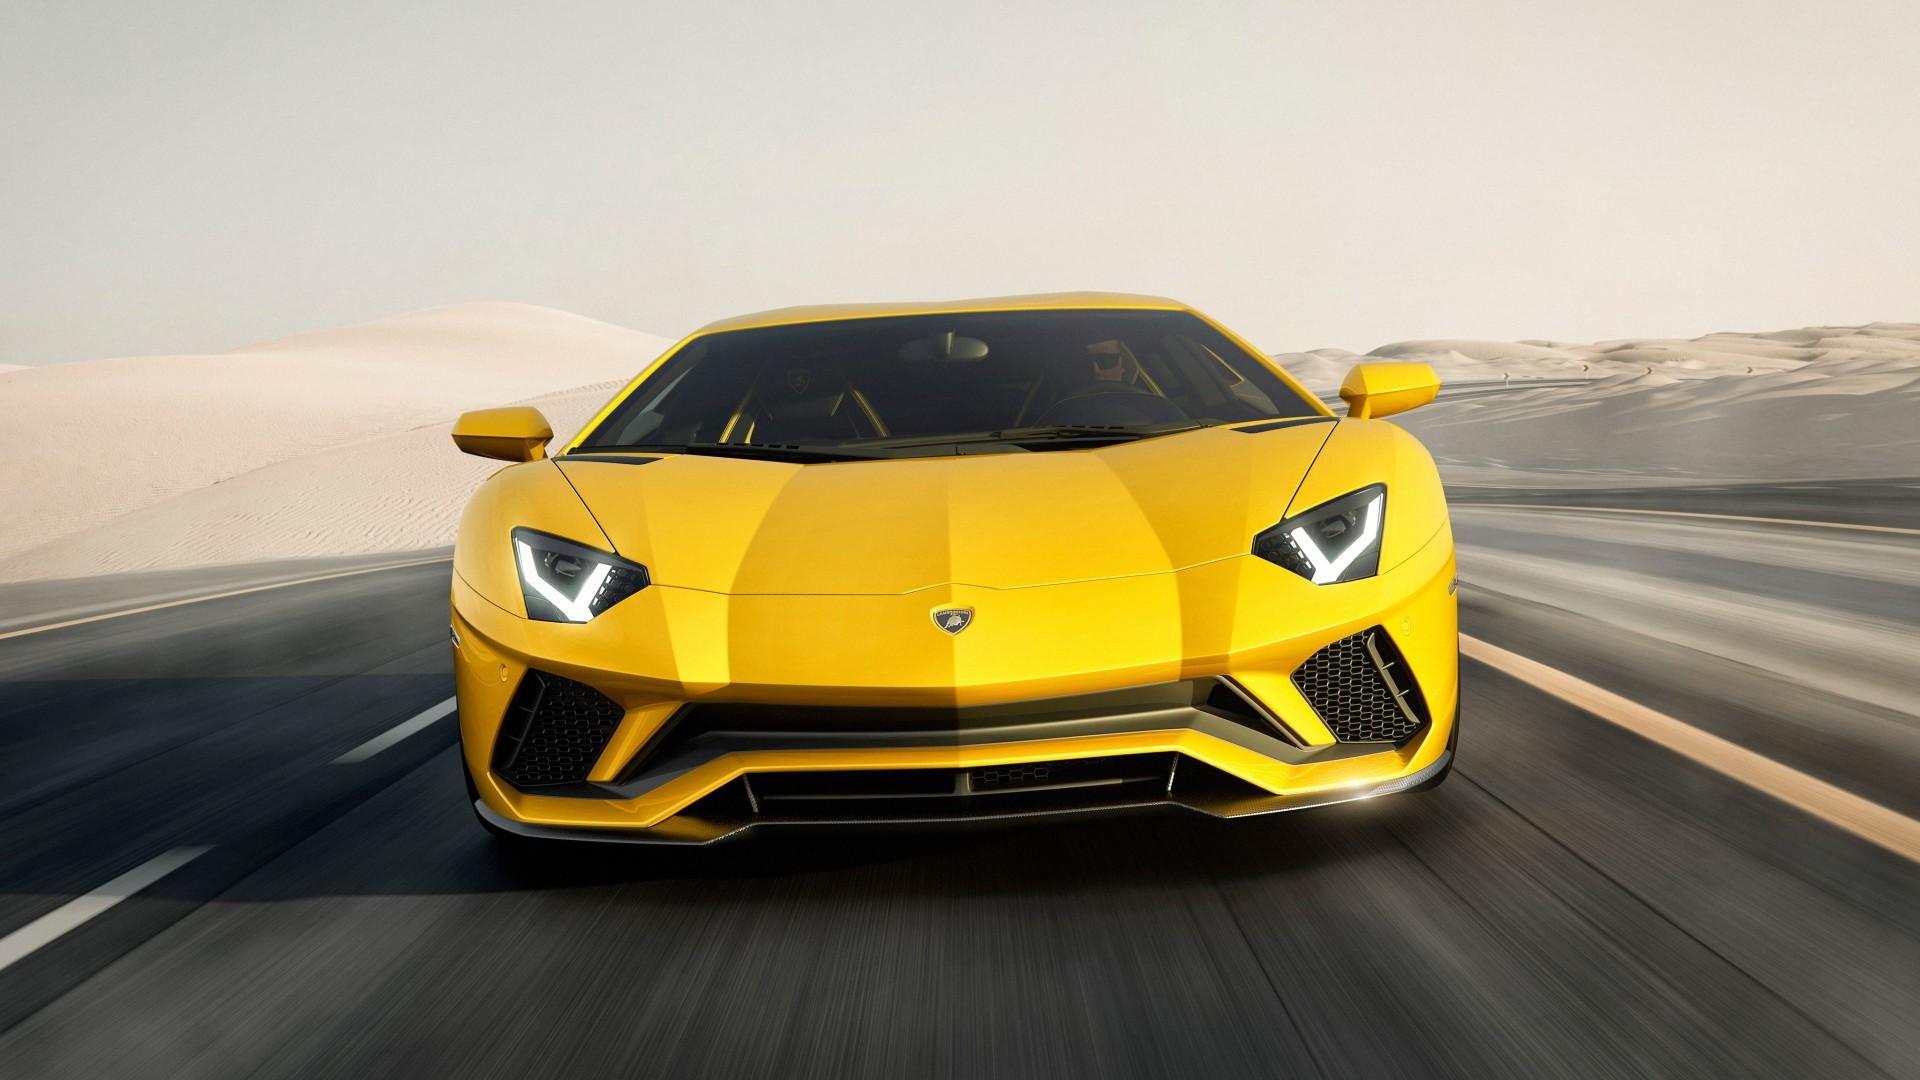 Hd Jaguar Car Wallpaper Download 2017 Lamborghini Aventador S 4 Wallpaper Hd Car